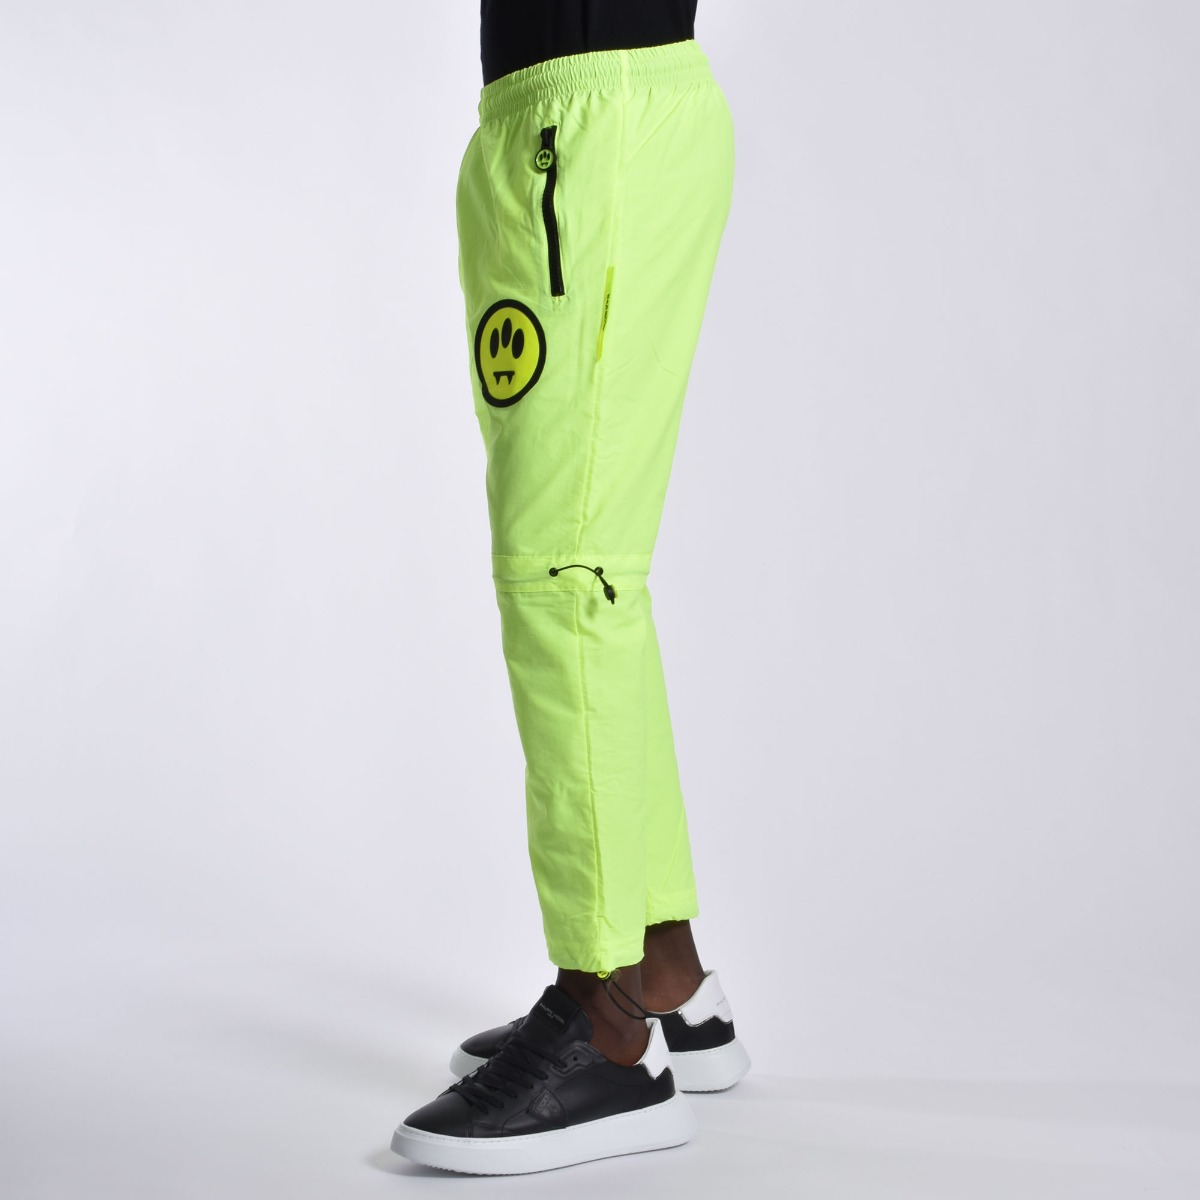 Pantalone inserti fluo- Giallo fluo